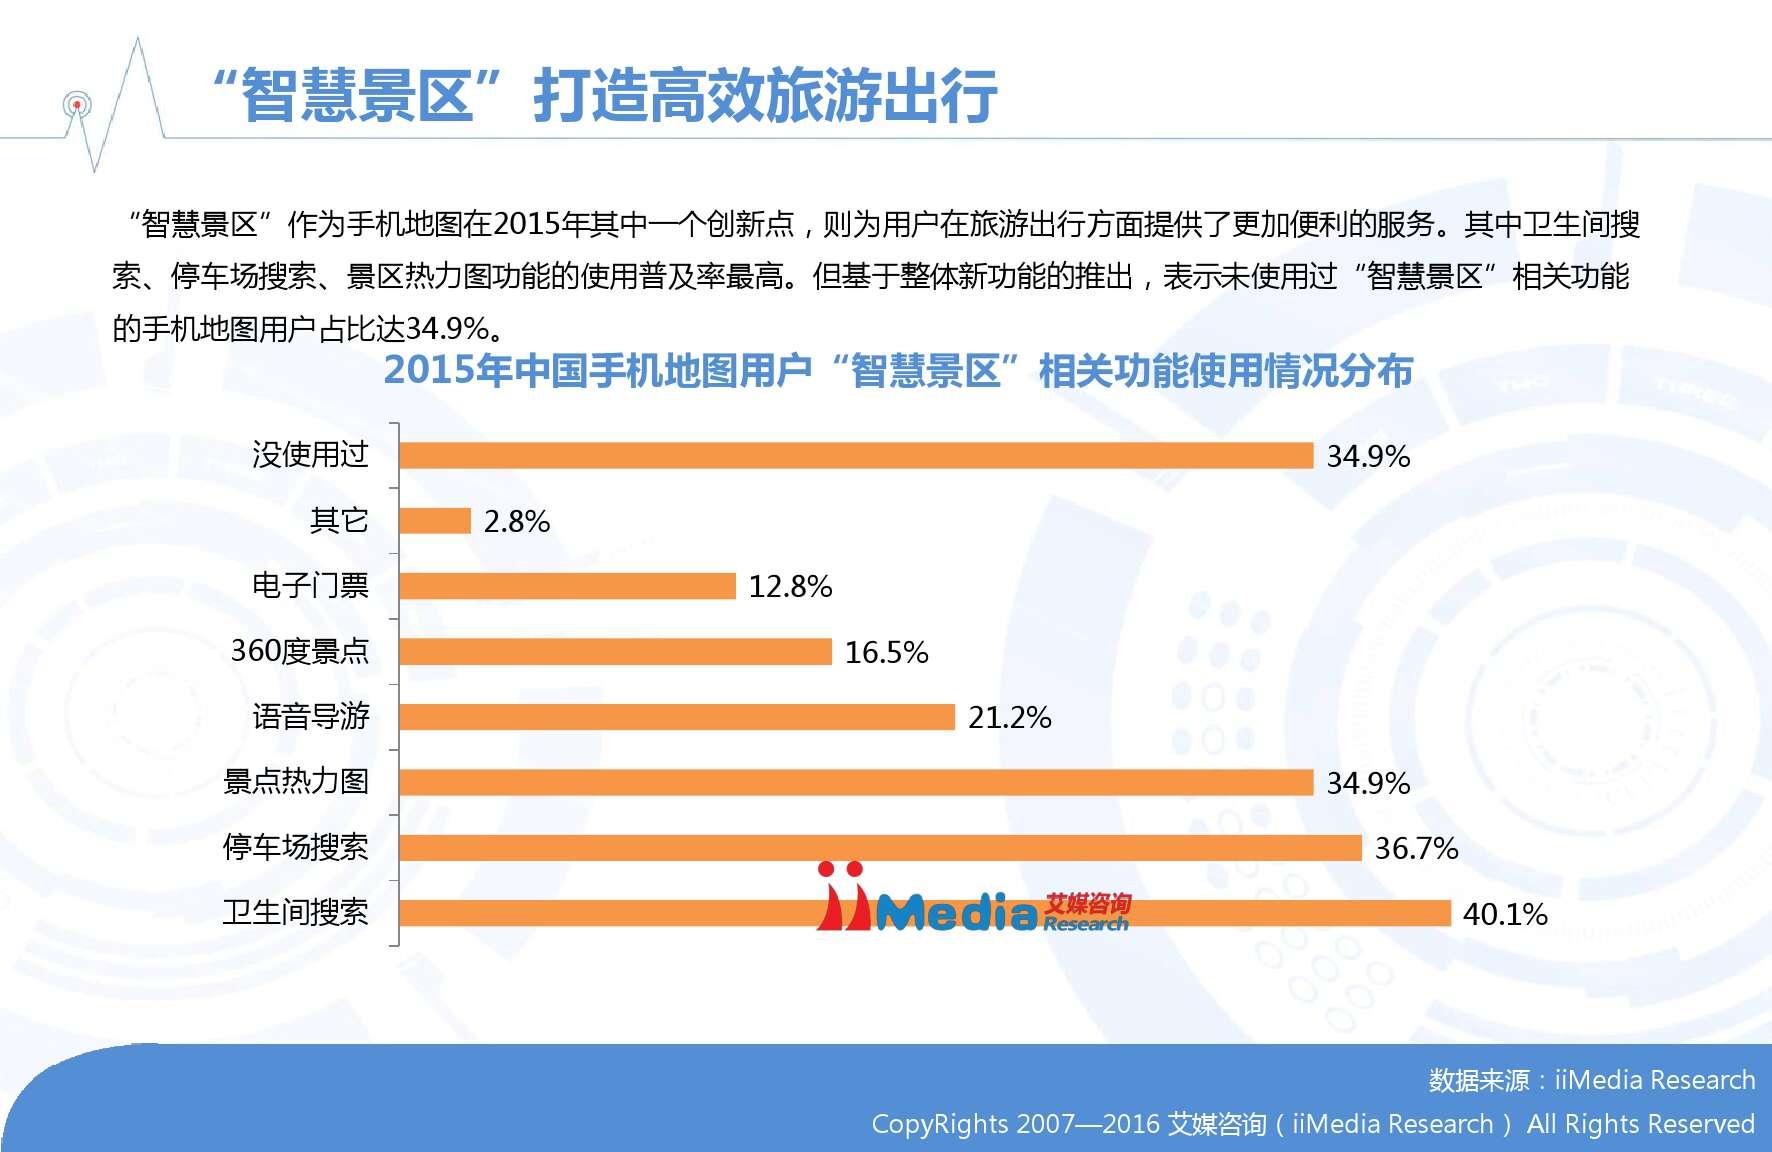 2015-2016年中国手机地图市场研究_000020